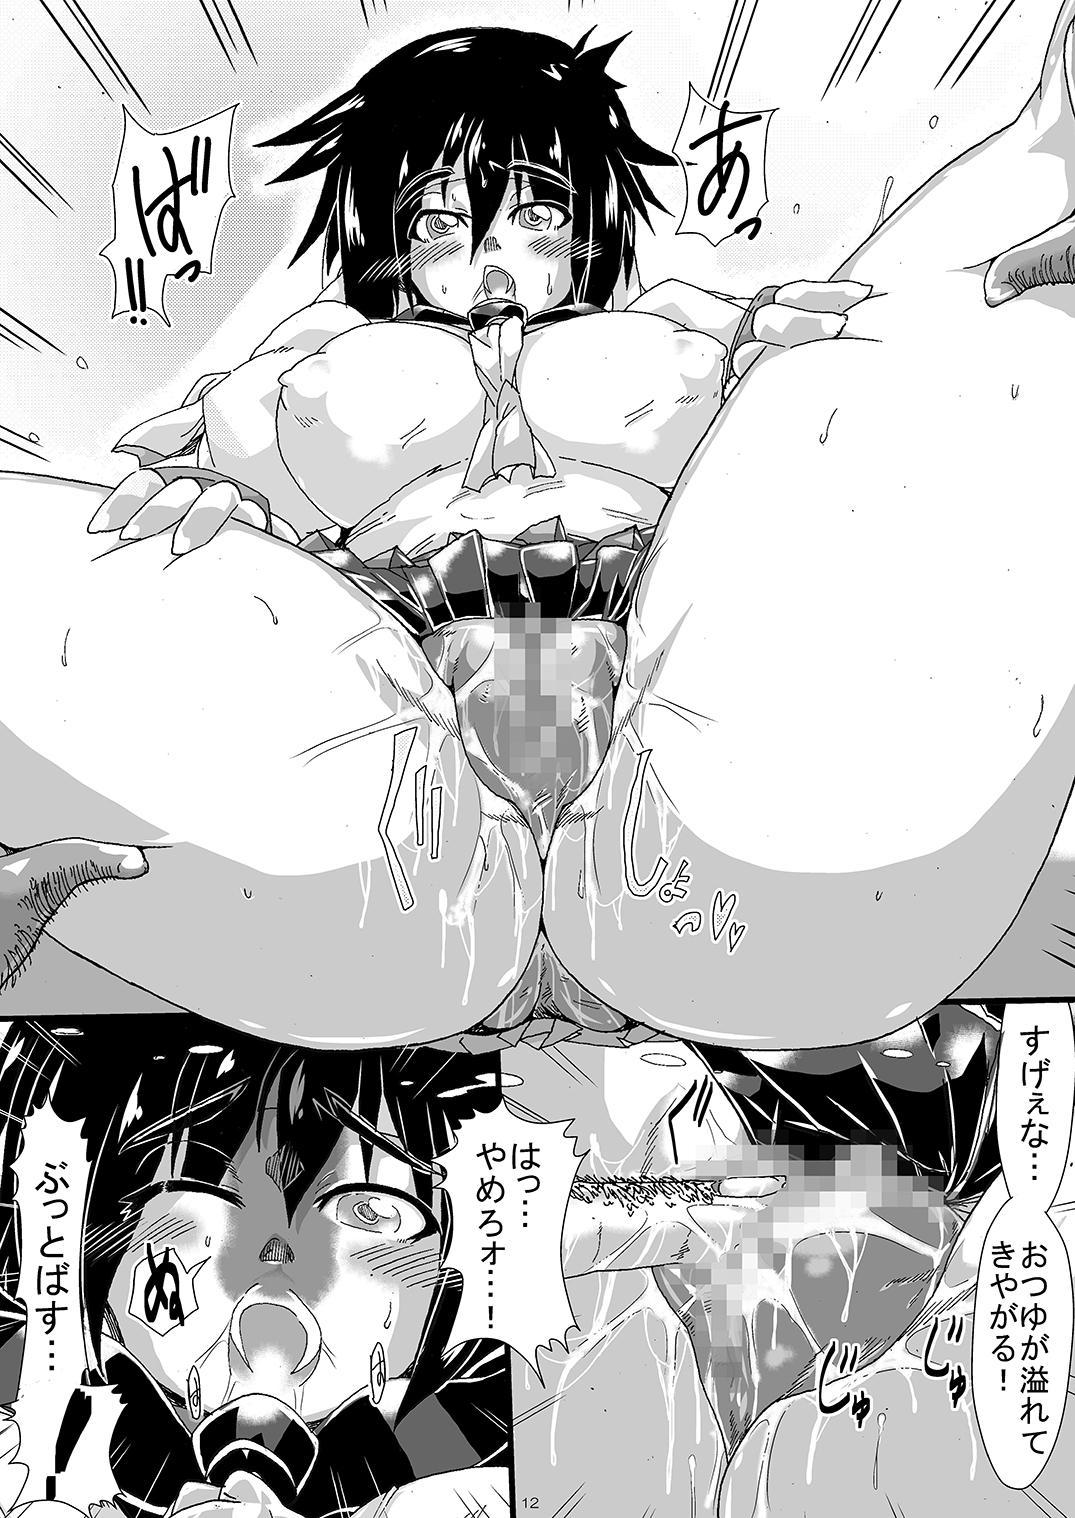 Benki Sakura 10